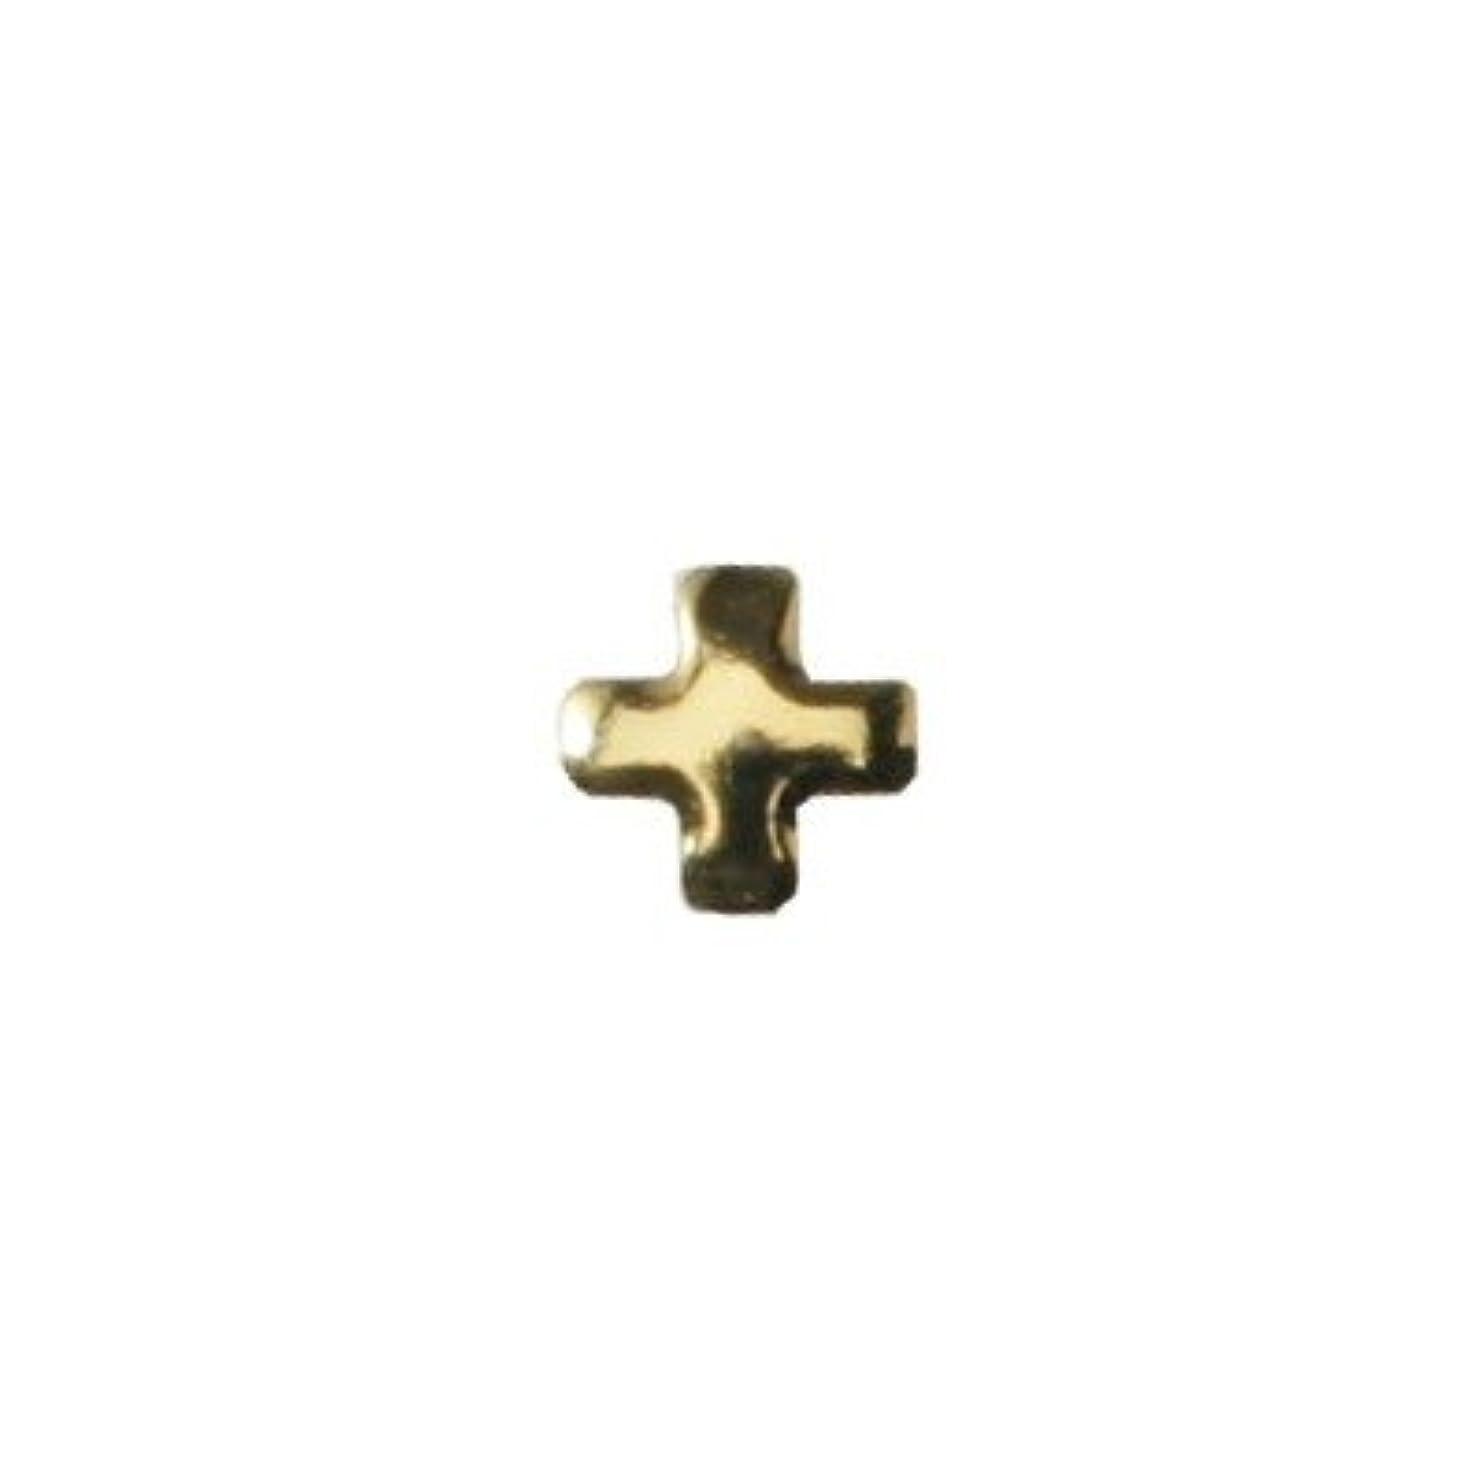 誘惑する糞ロシアピアドラ スタッズ クロスレット 3mm 50P ゴールド